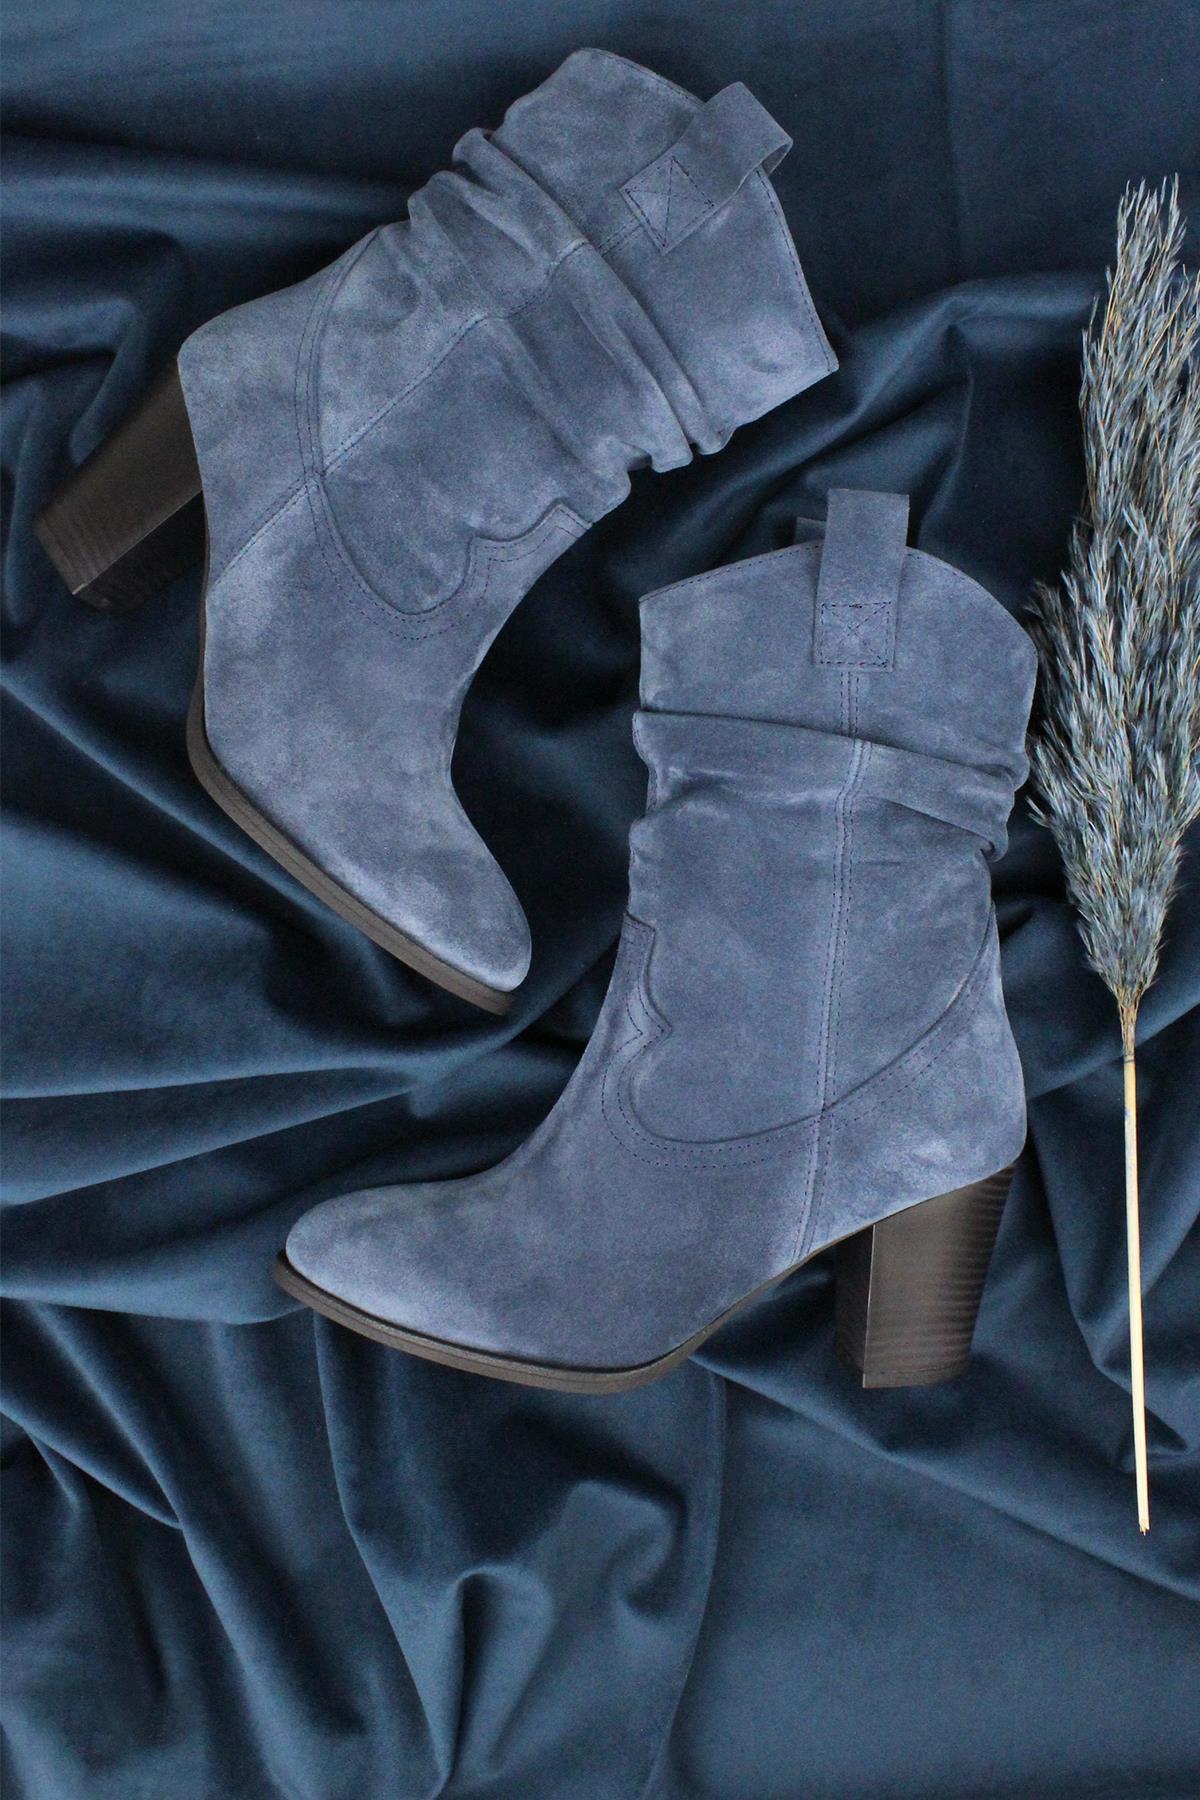 Callizio feminino couro real ocidental botas de salto alto cowboy botas longas 2020 nova temporada cores especiais neve coleção inverno